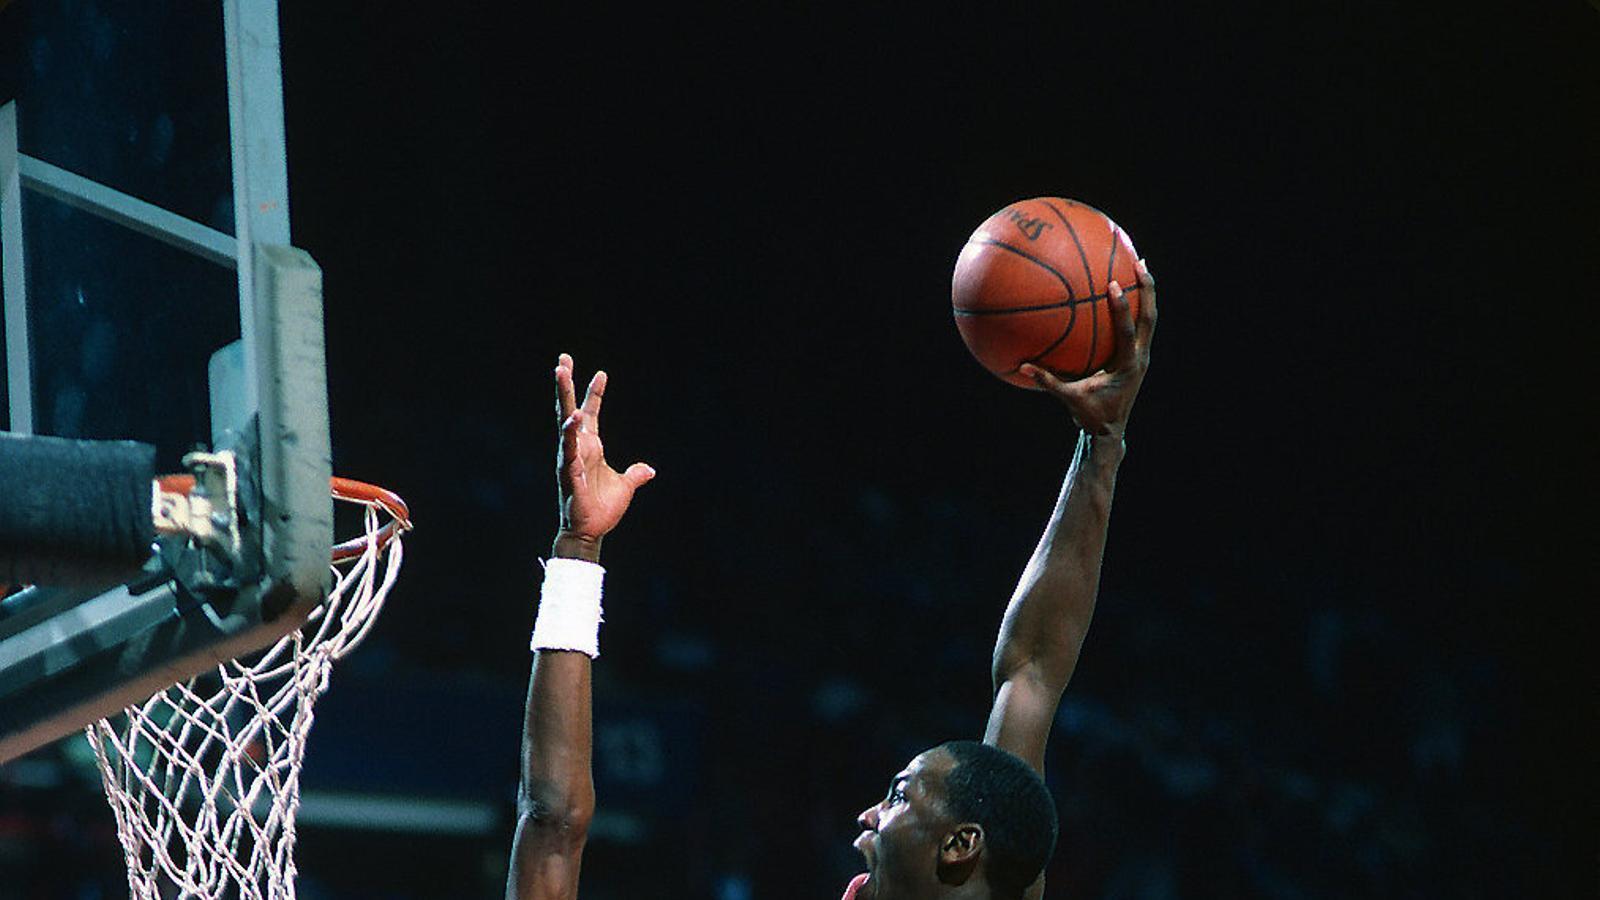 Michael Jordan intenta fer una esmaixada davant del jugador Charles Jones dels Washington Bullets en un partit de la NBA del 1985.